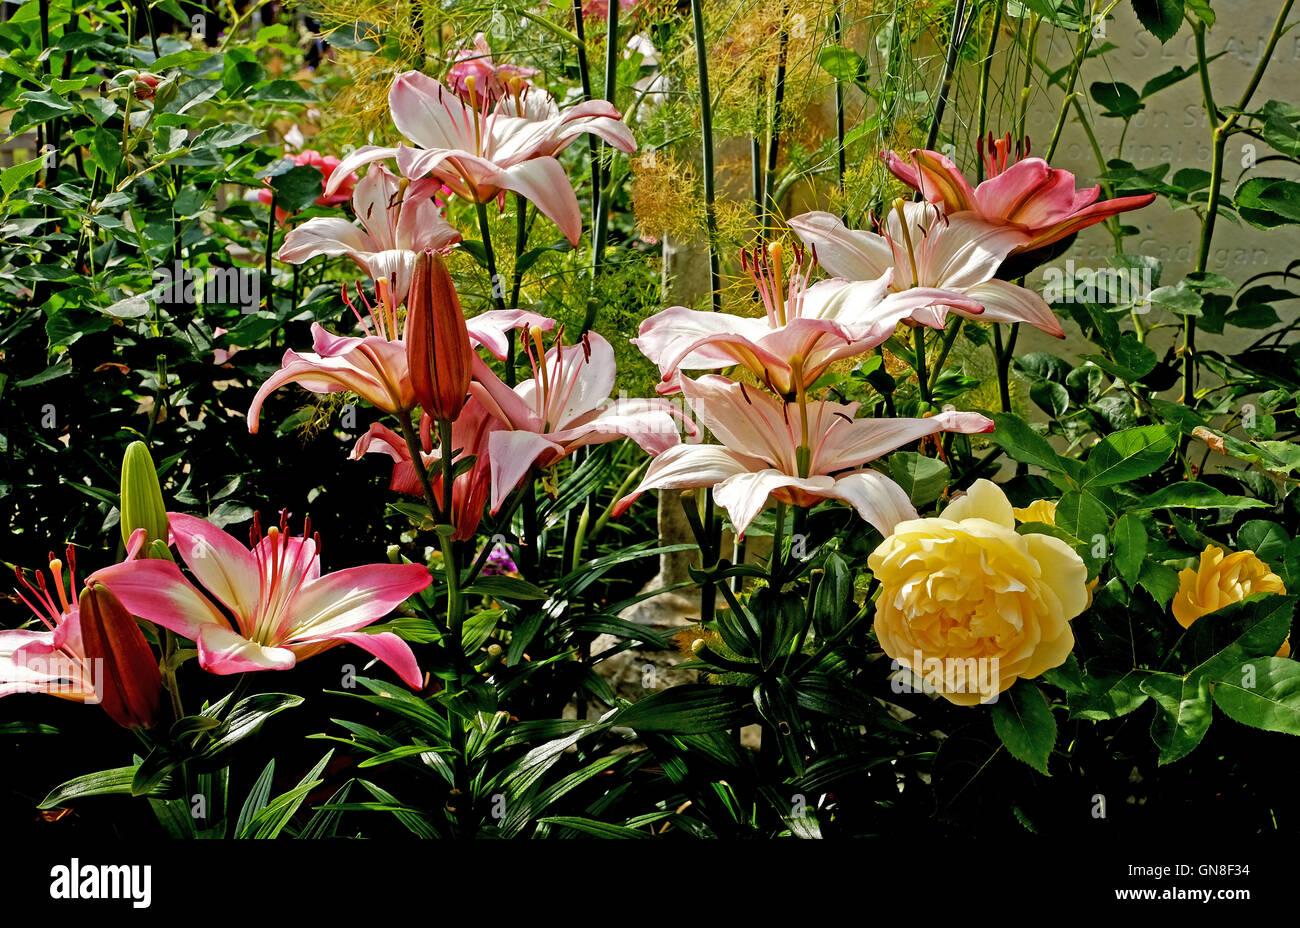 Gemischte asiatische Lilien im Garten mit einzelnen rose Stockbild